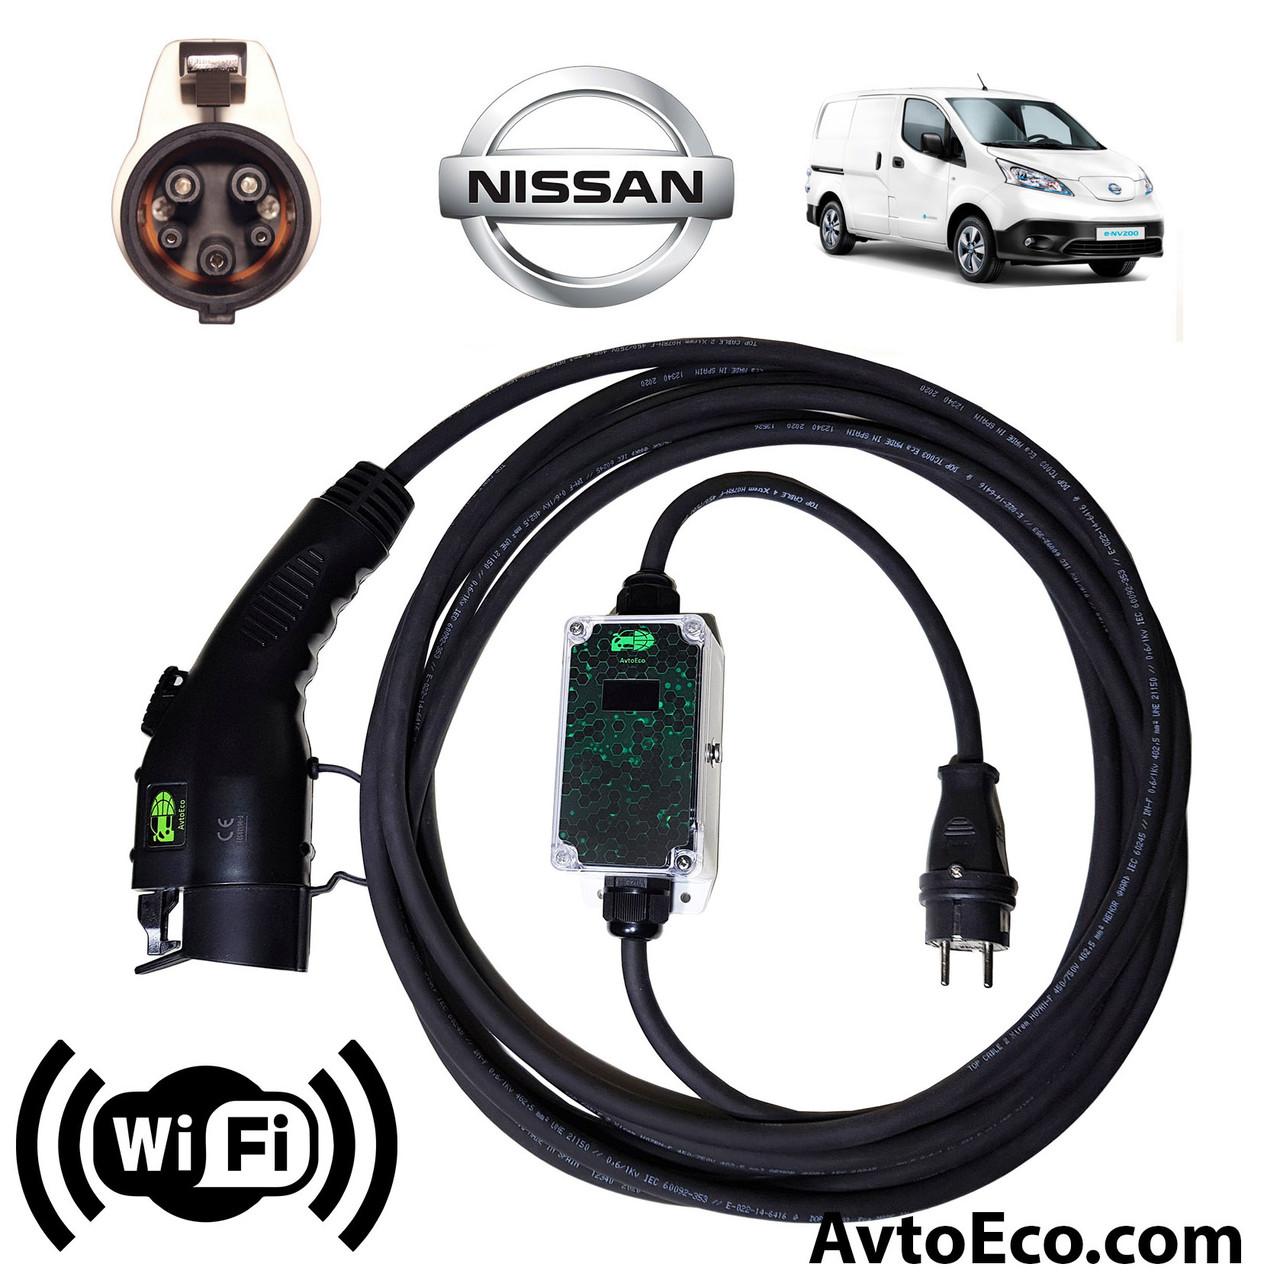 Зарядний пристрій для електромобіля Nissan NV200 SE Van AutoEco J1772-16A-Wi-Fi